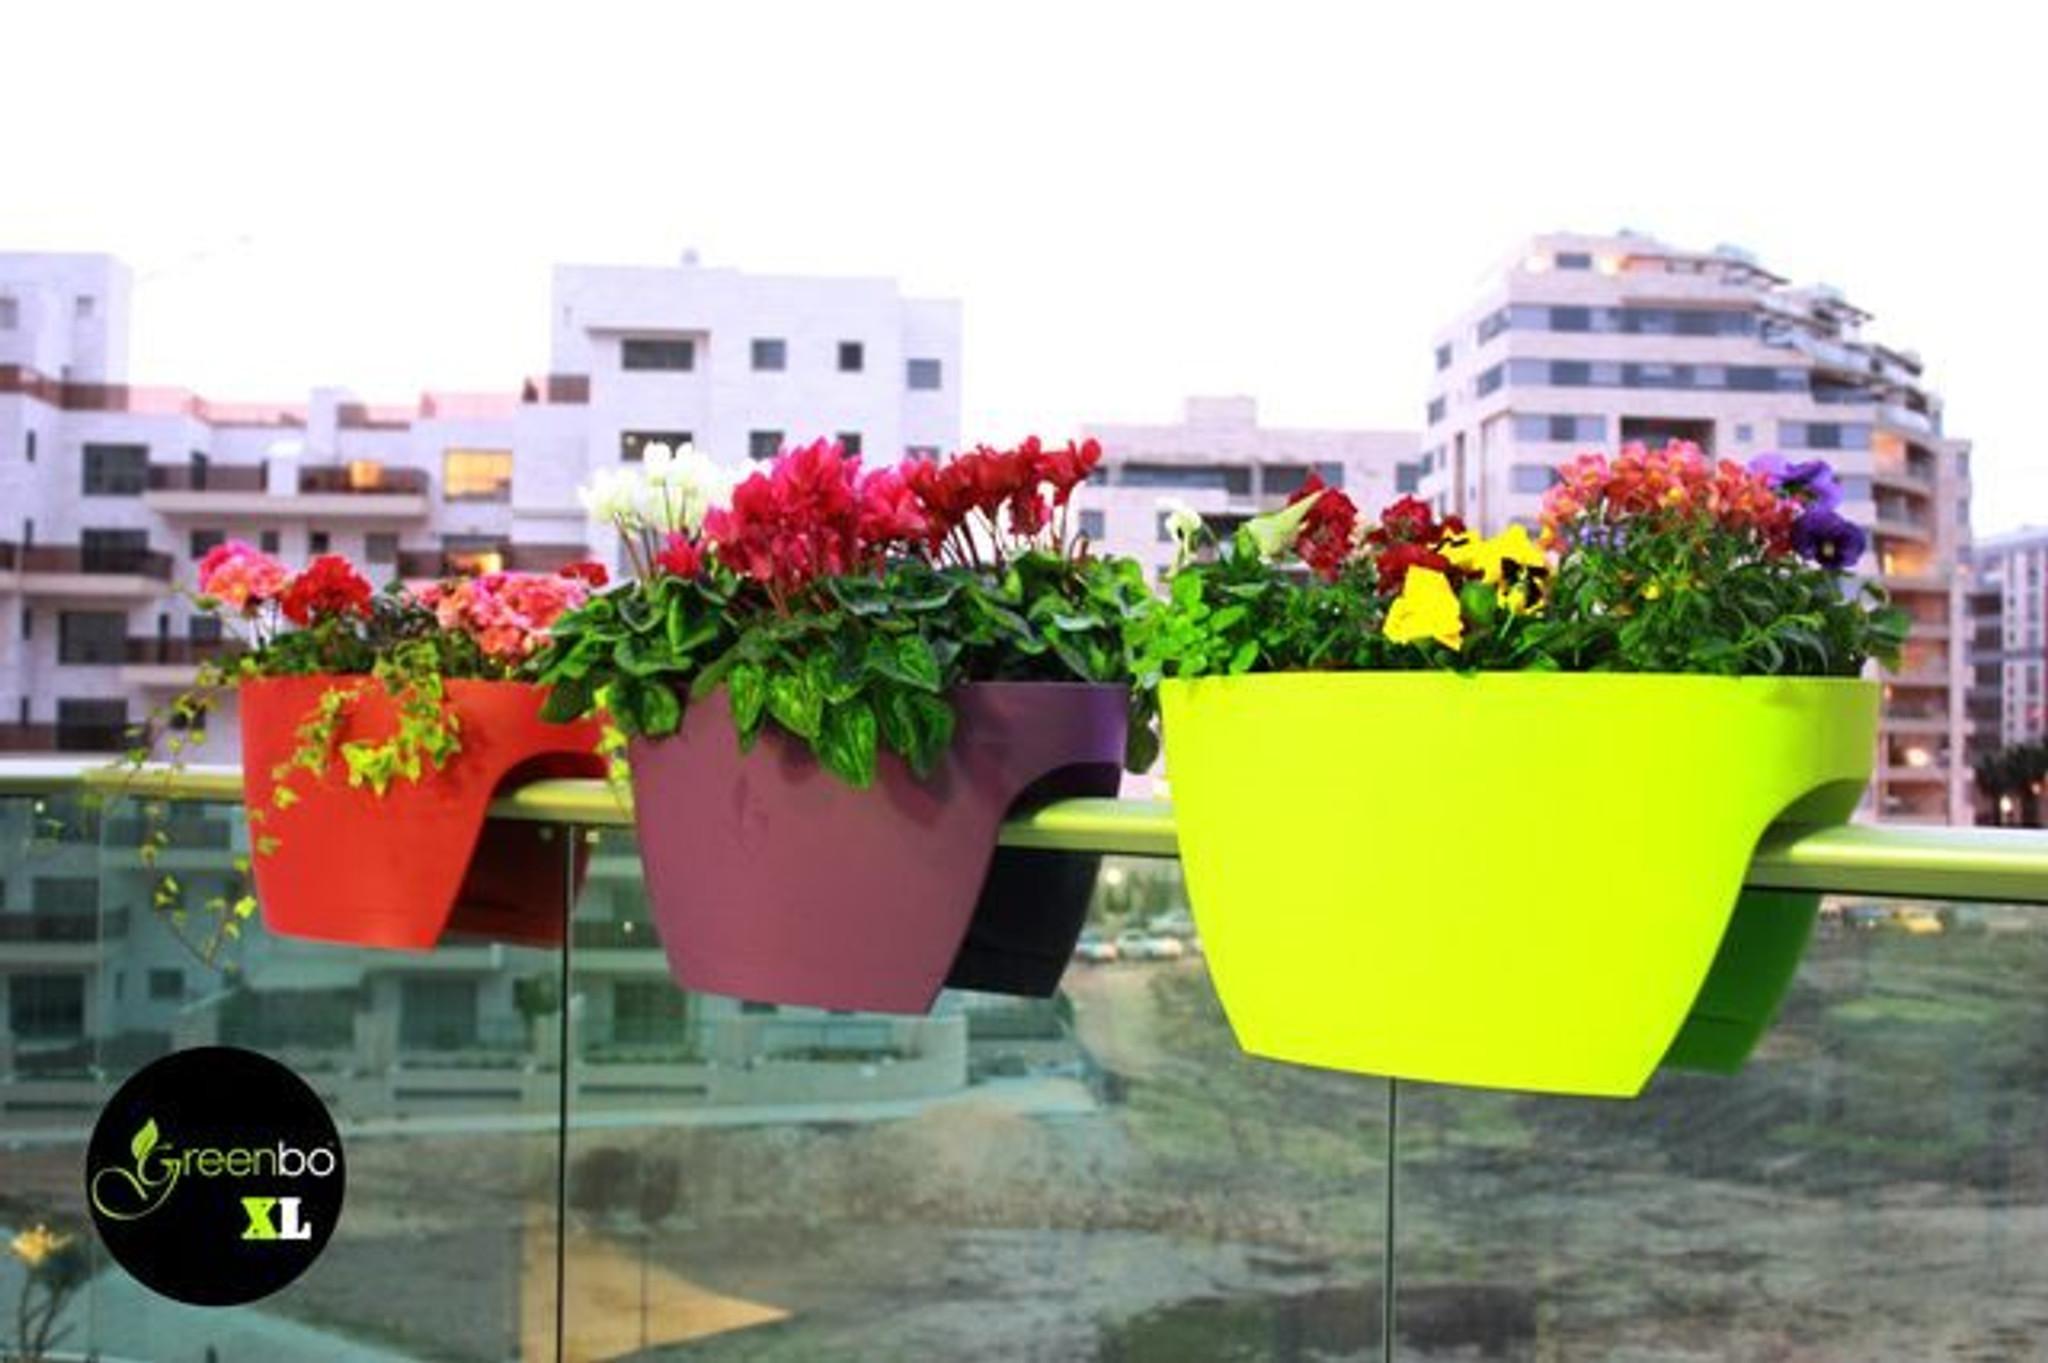 Extra large Greenbo railing planter on balcony.